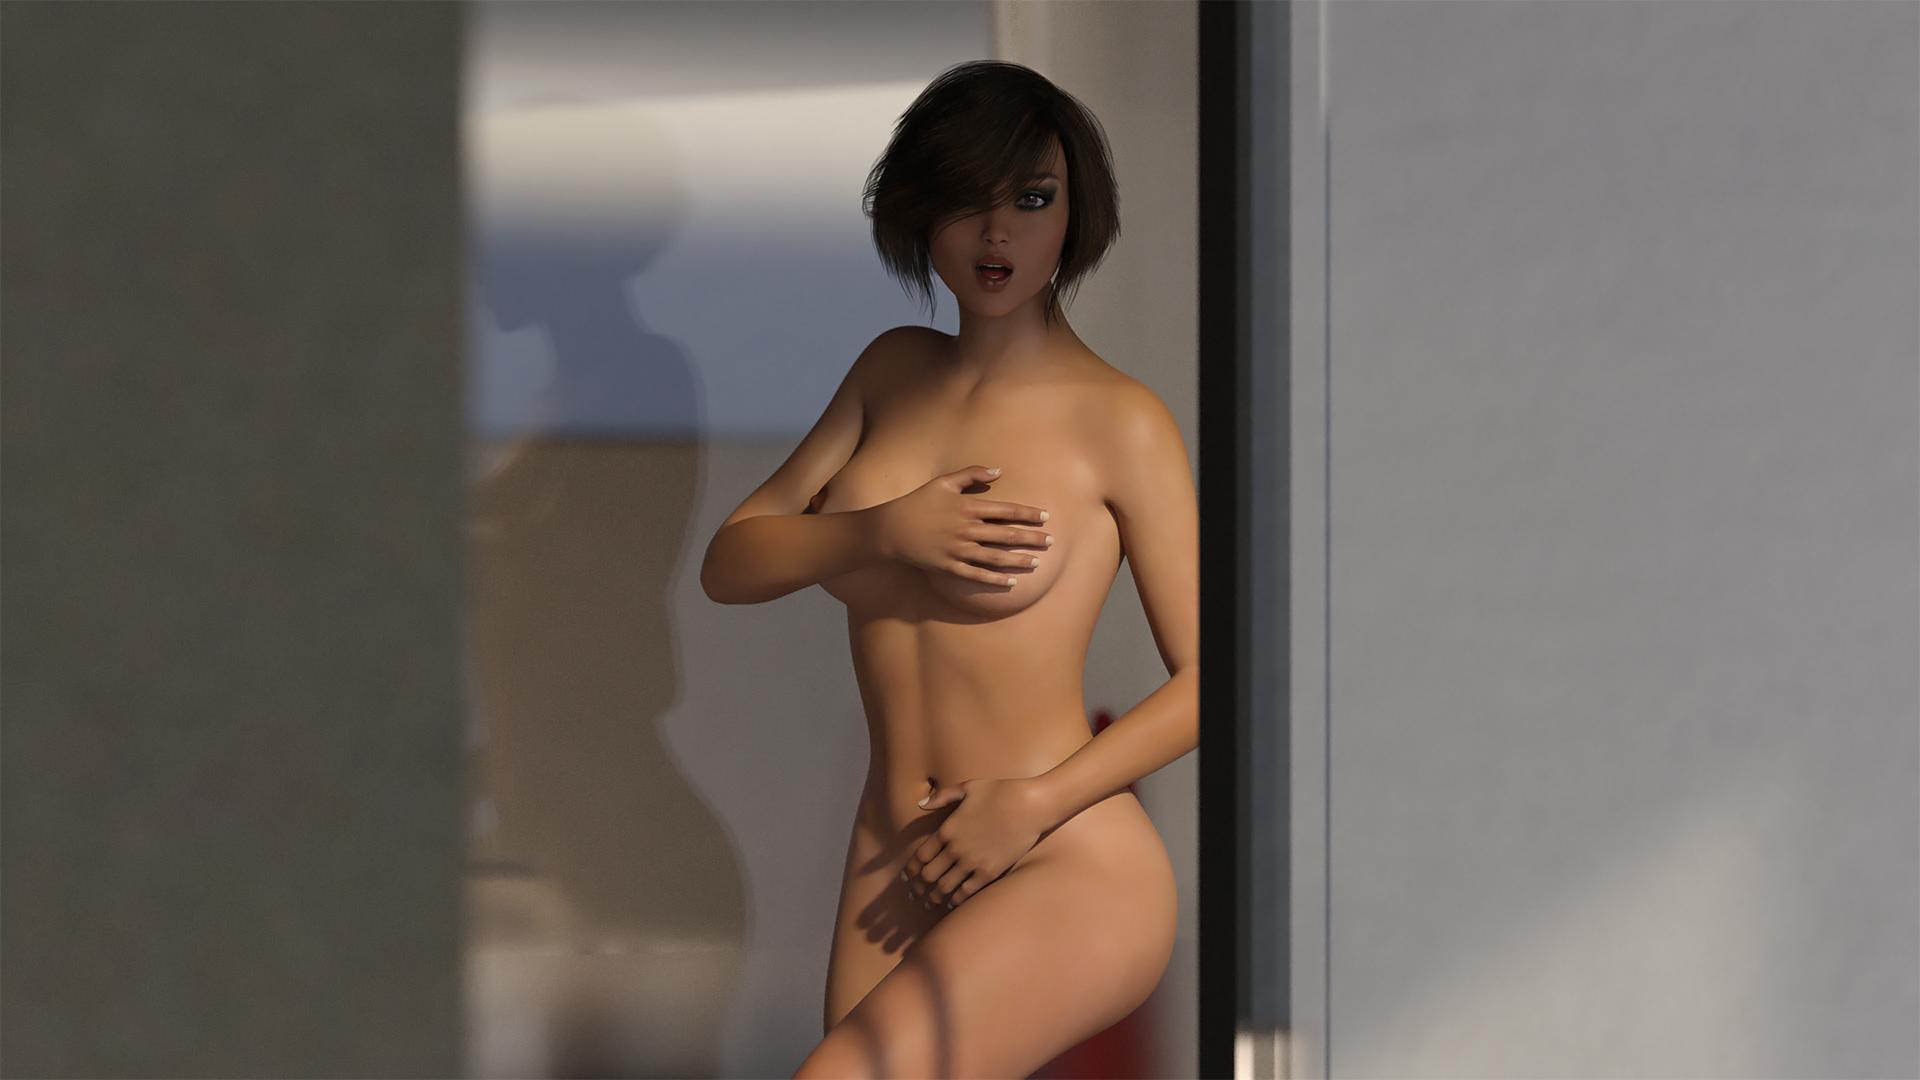 Erotic hints hiding erotica sexual